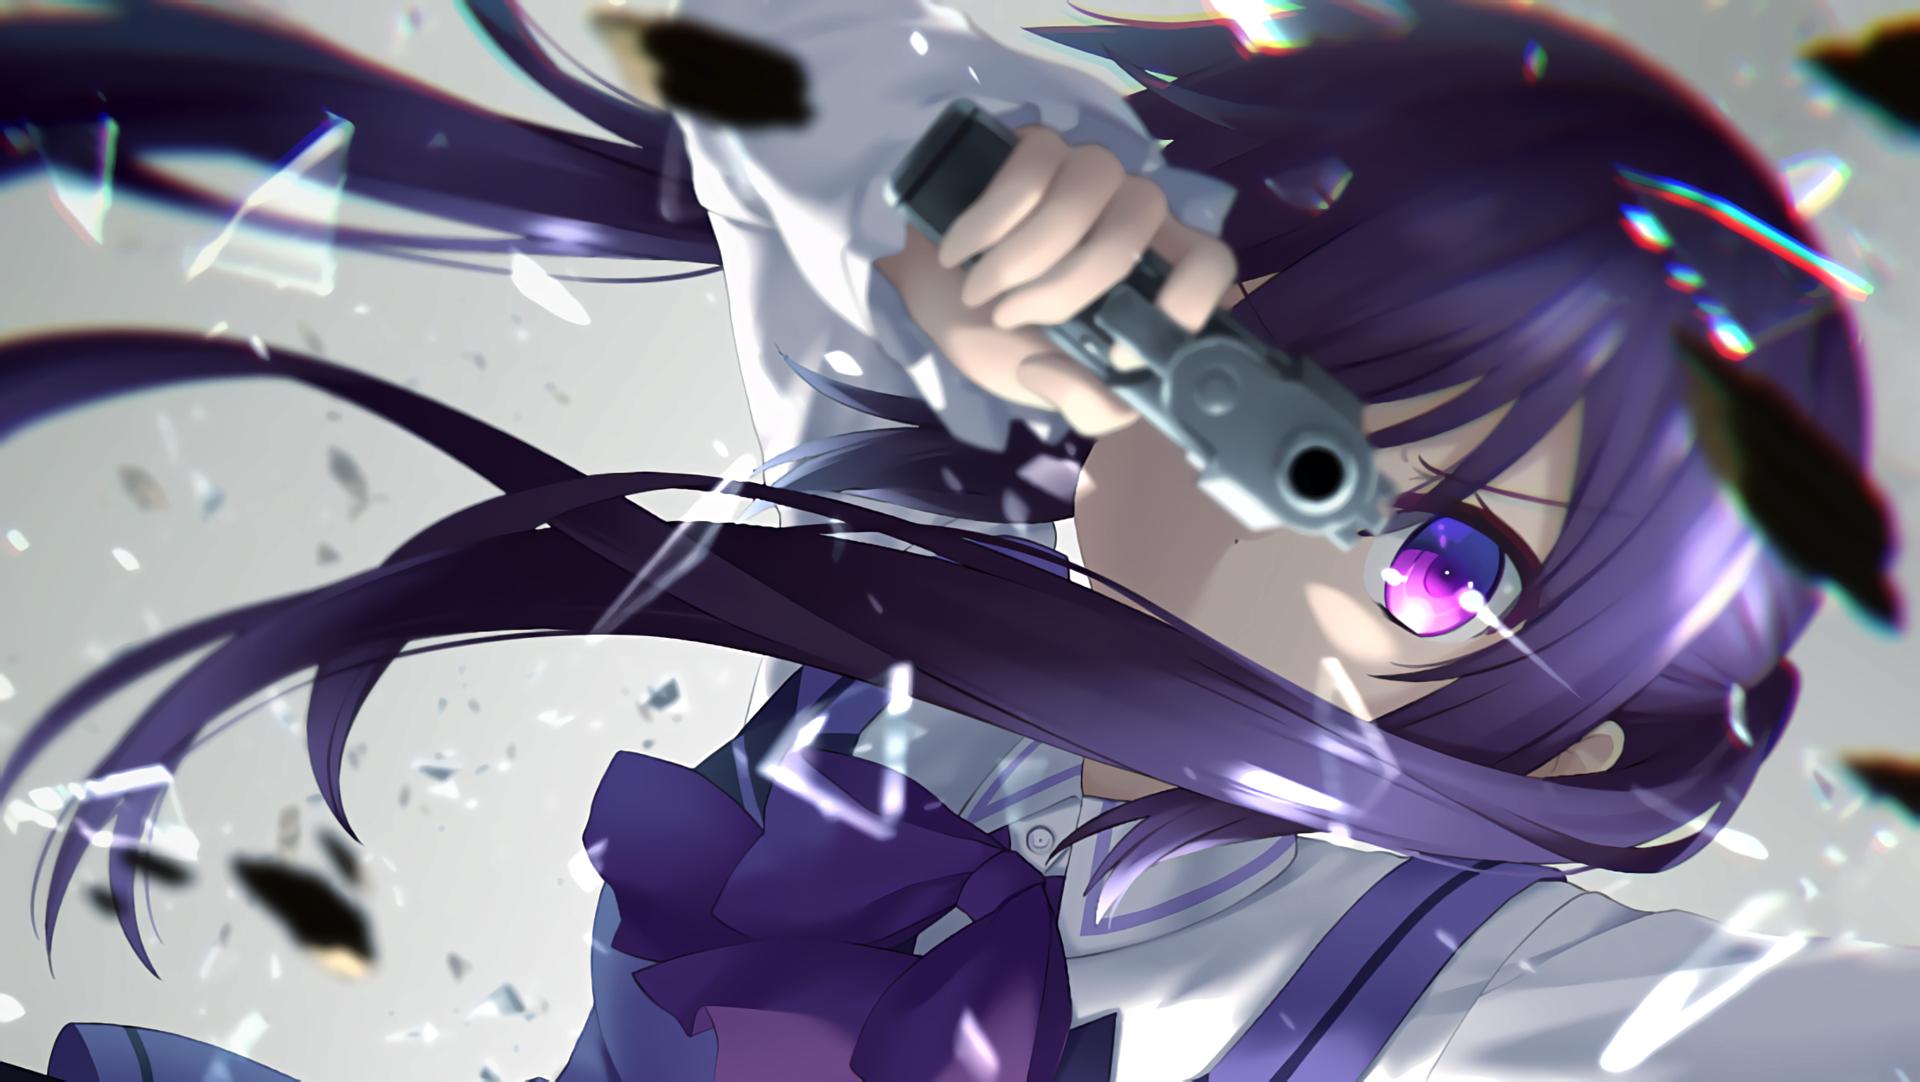 Anime Girl With Gun Buscar Con Google Anime Y Manga